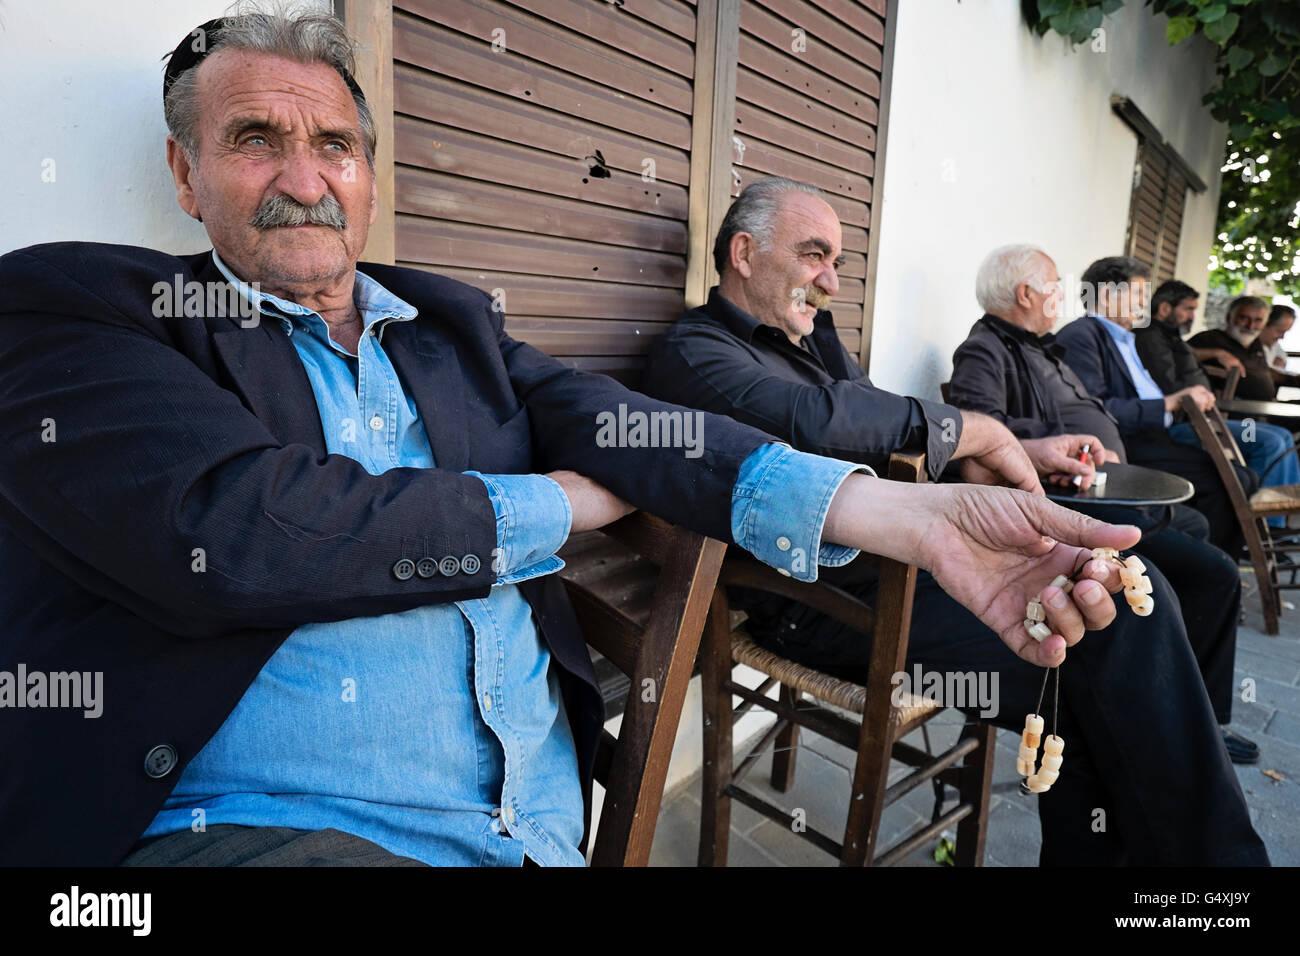 Männer mittleren Alters entspannen Sie auf dem Bürgersteig in Anogia auf Kreta in Griechenland Stockfoto